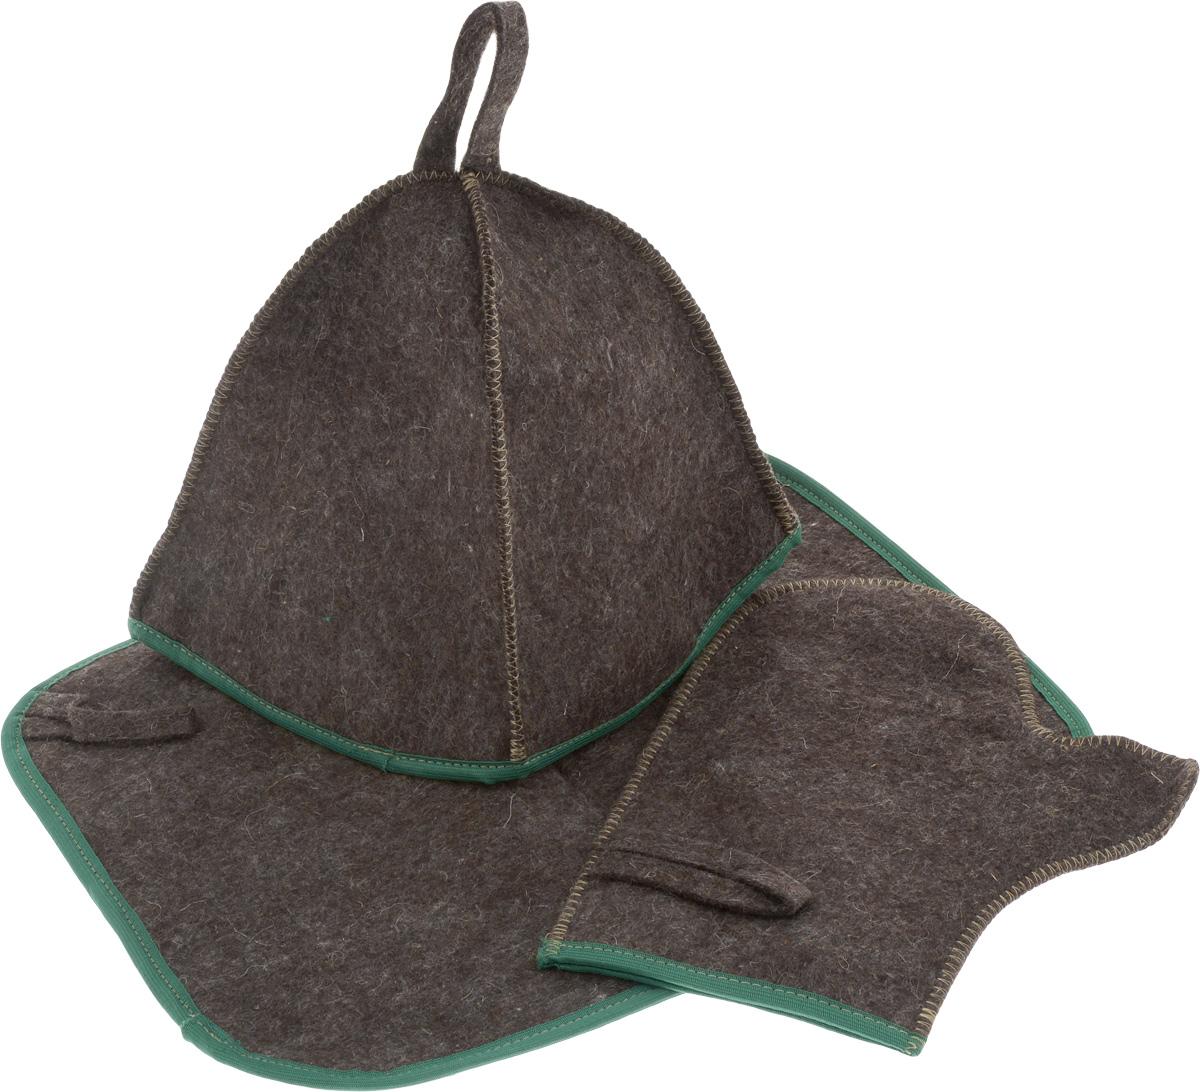 Набор для бани и сауны Proffi Sauna, цвет: темно-коричневый, зеленый, 3 предметаPS0184_зеленый кантОригинальный набор для бани Proffi Sauna включает в себя шапку, рукавицу и коврик. Изделия выполнены из 90% шерсти и 10% лавсана, декорированы кантом. Шапка, рукавица и коврик - это незаменимые аксессуары для любителей попариться в русской бане и для тех, кто предпочитает сухой жар финской бани. Шапка защитит волосы от сухости и ломкости, голову от перегрева и предотвратит появление головокружения. Рукавица обезопасит ваши руки от появления ожогов, а коврик - от высоких температур при контакте с горячей лавкой в парилке. На изделиях имеются петельки, с помощью которых их можно повесить на крючок в предбаннике.Такой набор станет отличным подарком для любителей отдыха в бане или сауне. Размер коврика: 40 х 31 см. Размер шапки: 18 х 18 х 25 см. Размер рукавицы: 27 х 22 см.